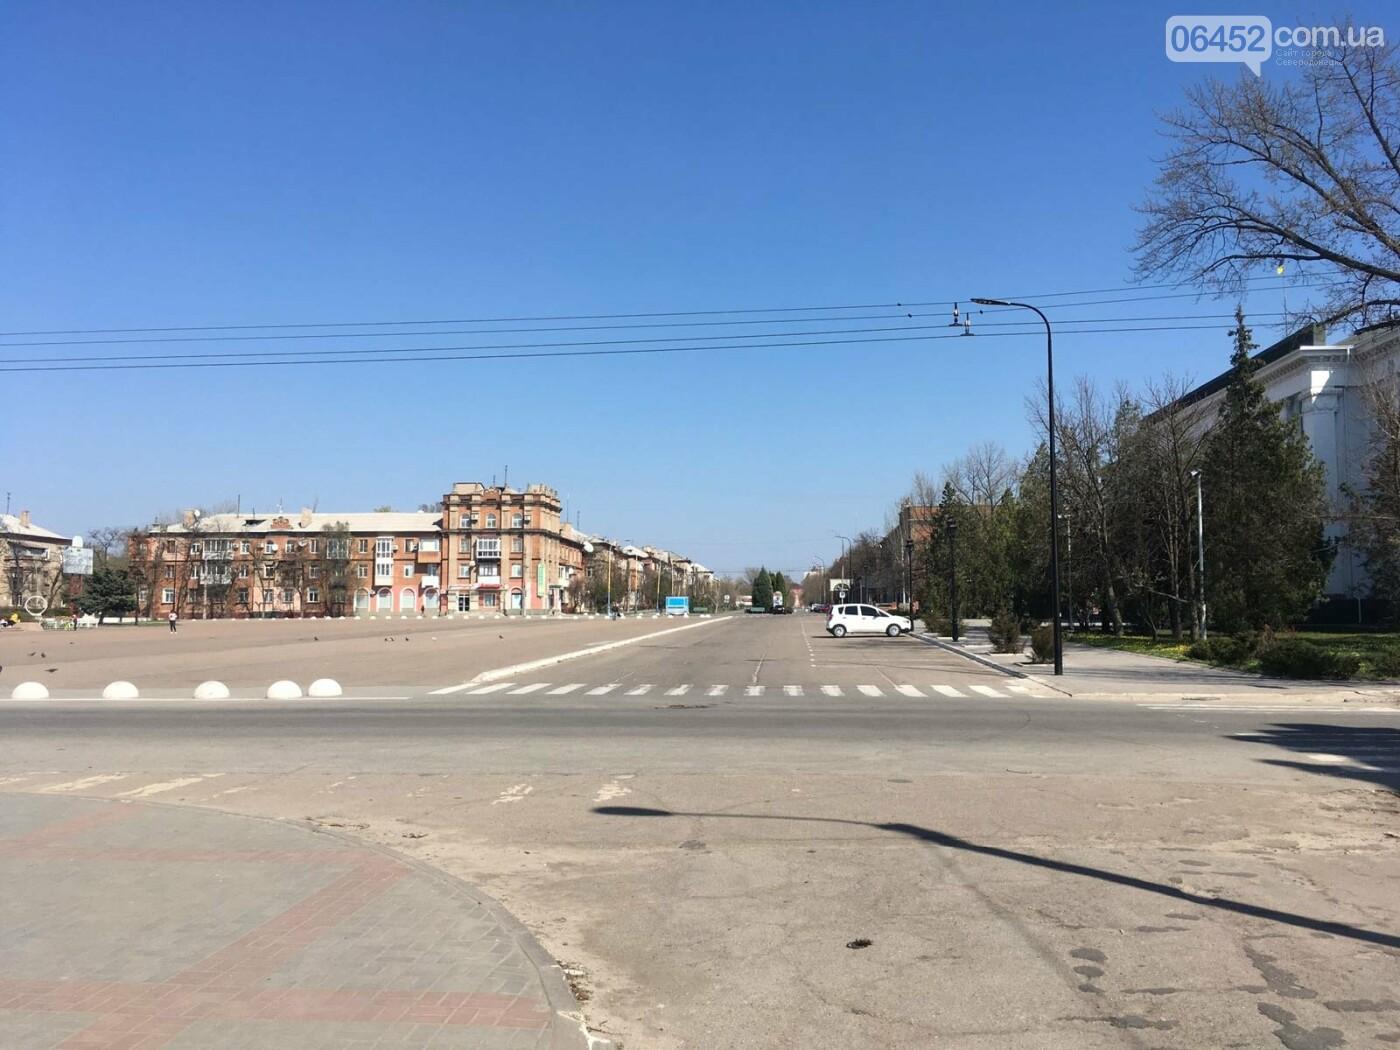 Весна в Северодонецке. Фотопрогулка, фото-18